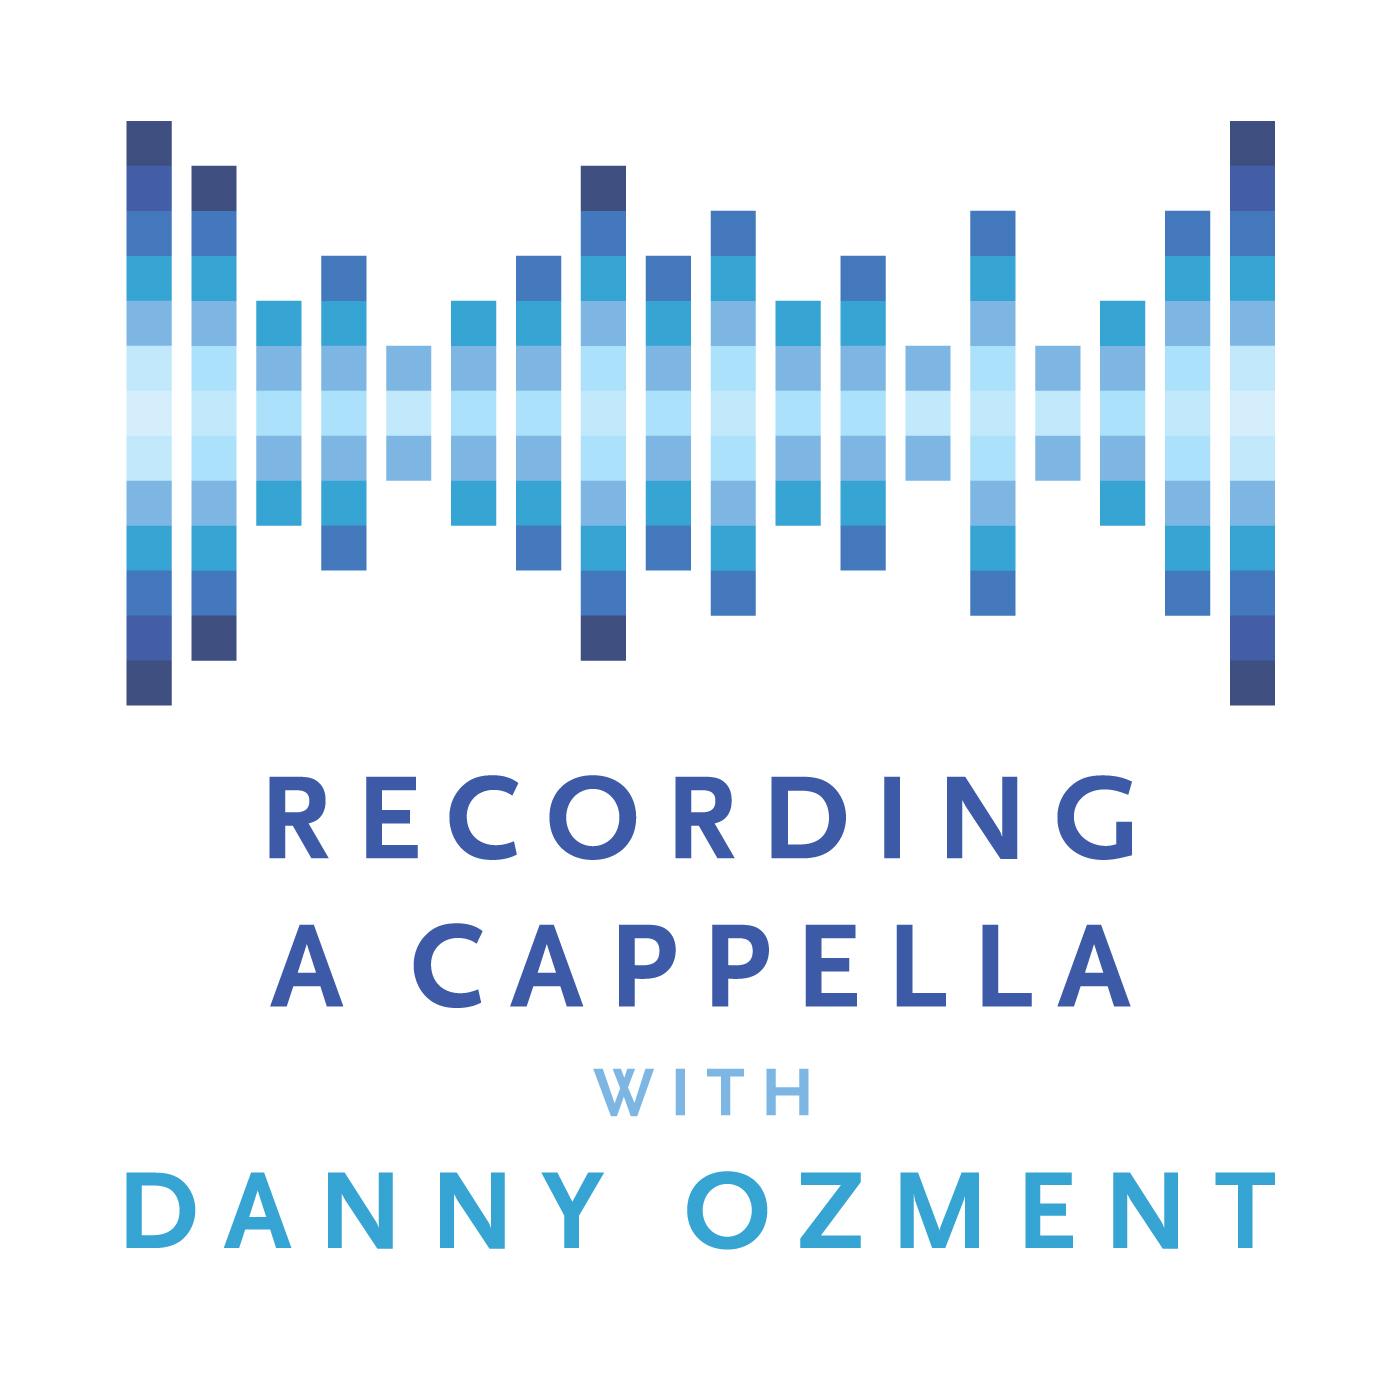 Recording A Cappella with Danny Ozment show art